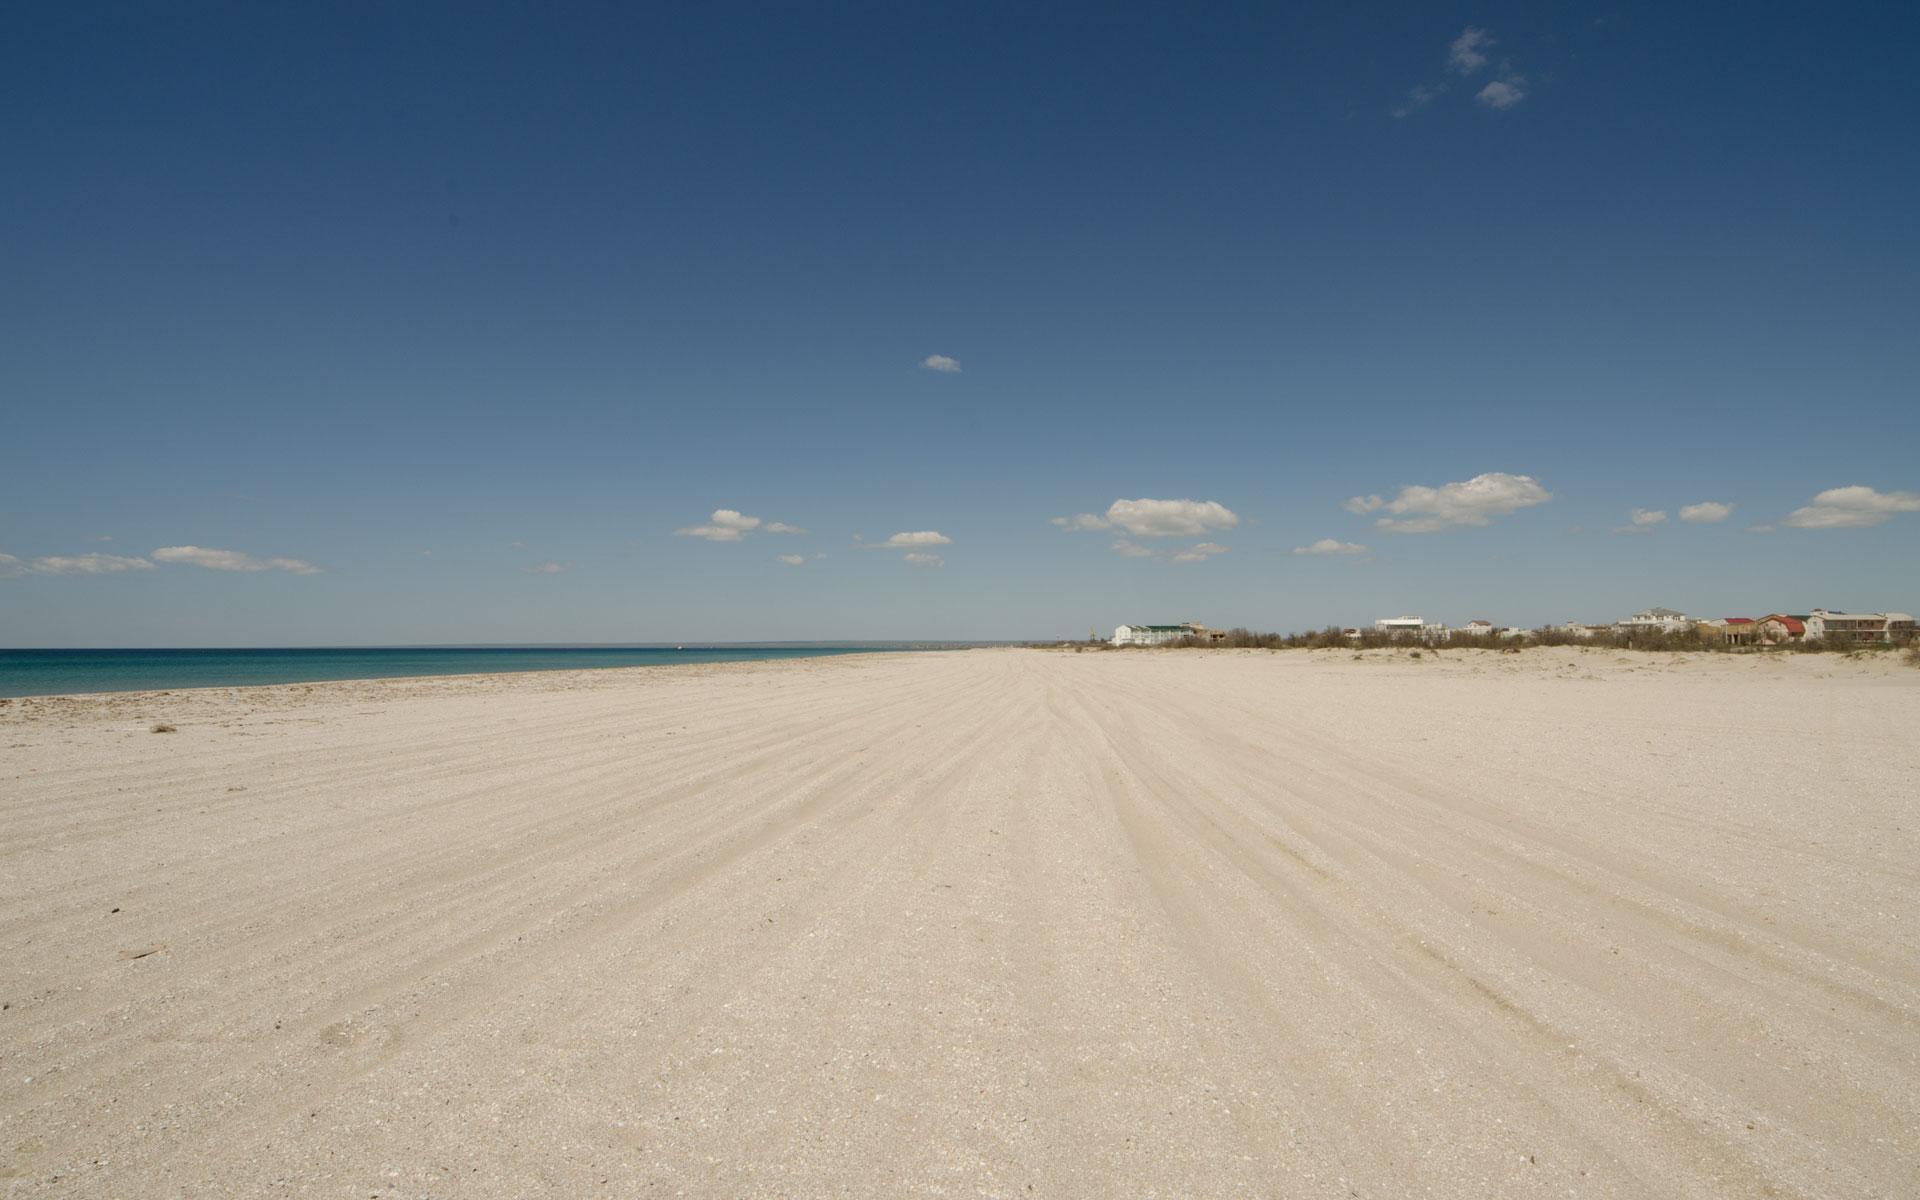 Коса Южная. Пляж 2019. Фото Мирного